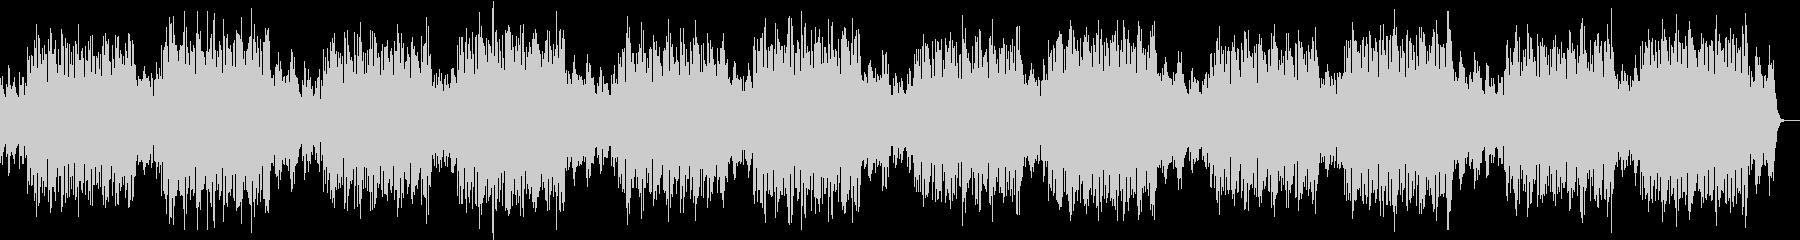 チルアウト、lofiヒップホップの未再生の波形